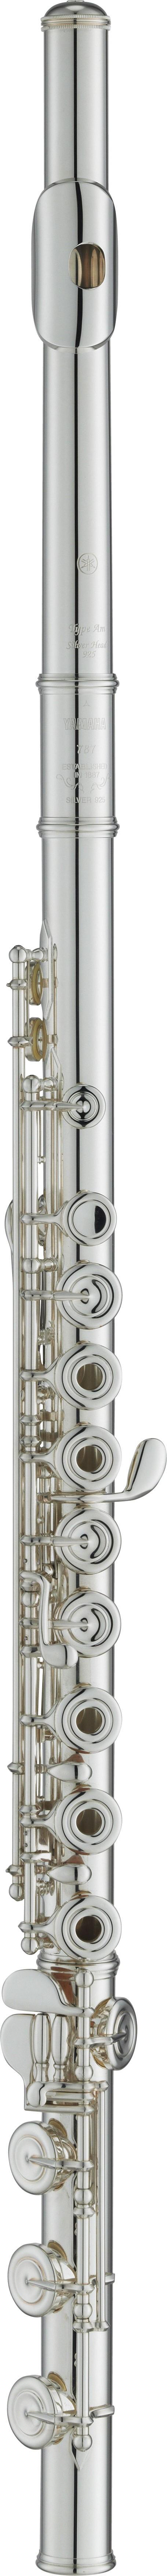 Yamaha - YFL-787-H - RBI - Holzblasinstrumente - Flöten ohne E-Mechanik | MUSIK BERTRAM Deutschland Freiburg